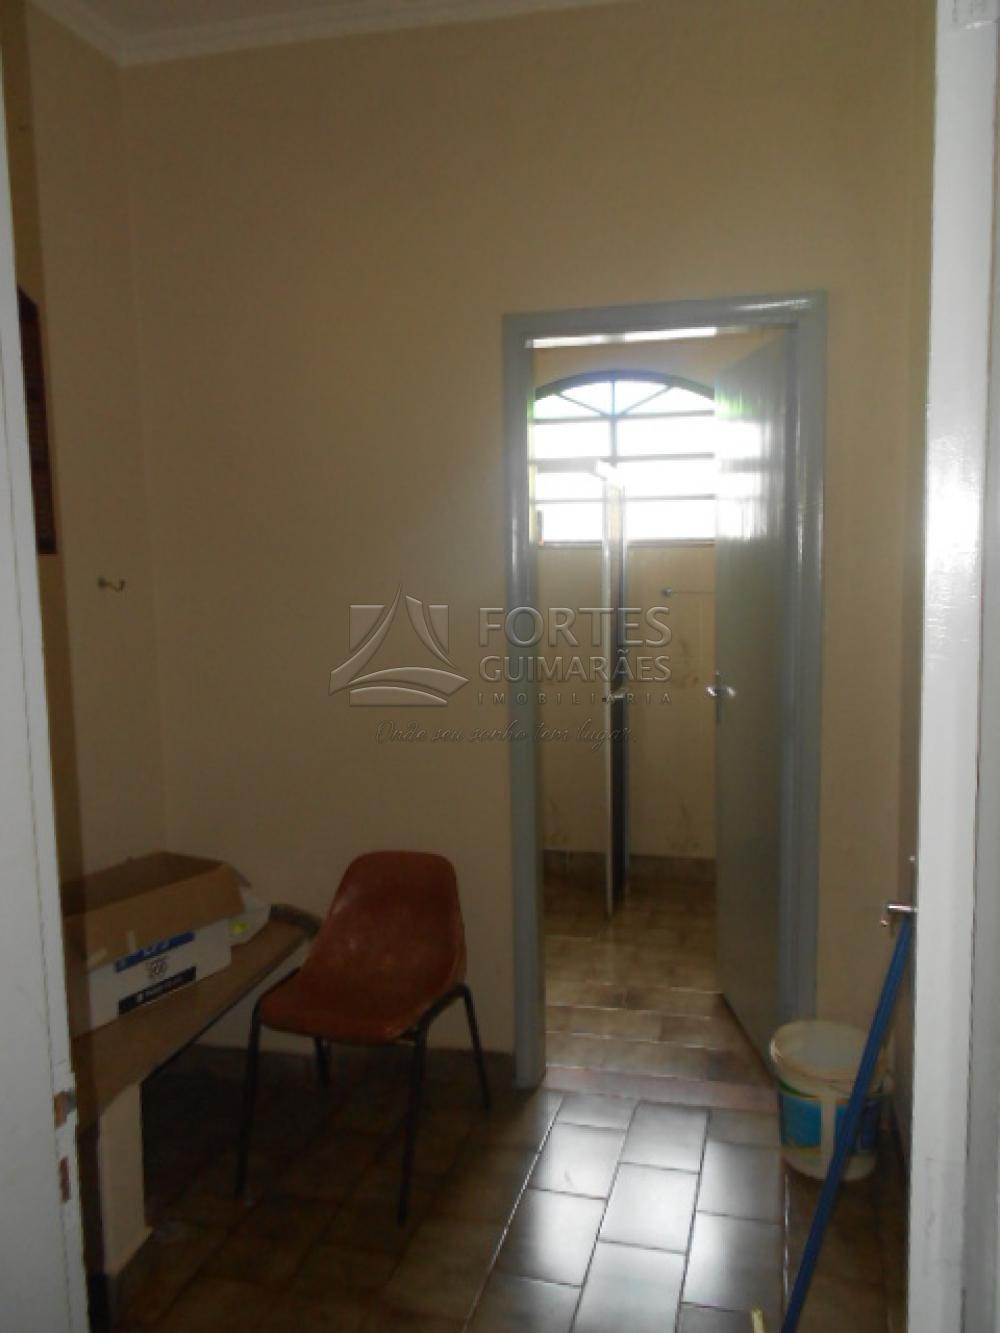 Alugar Casas / Condomínio em Jardinópolis apenas R$ 2.500,00 - Foto 25